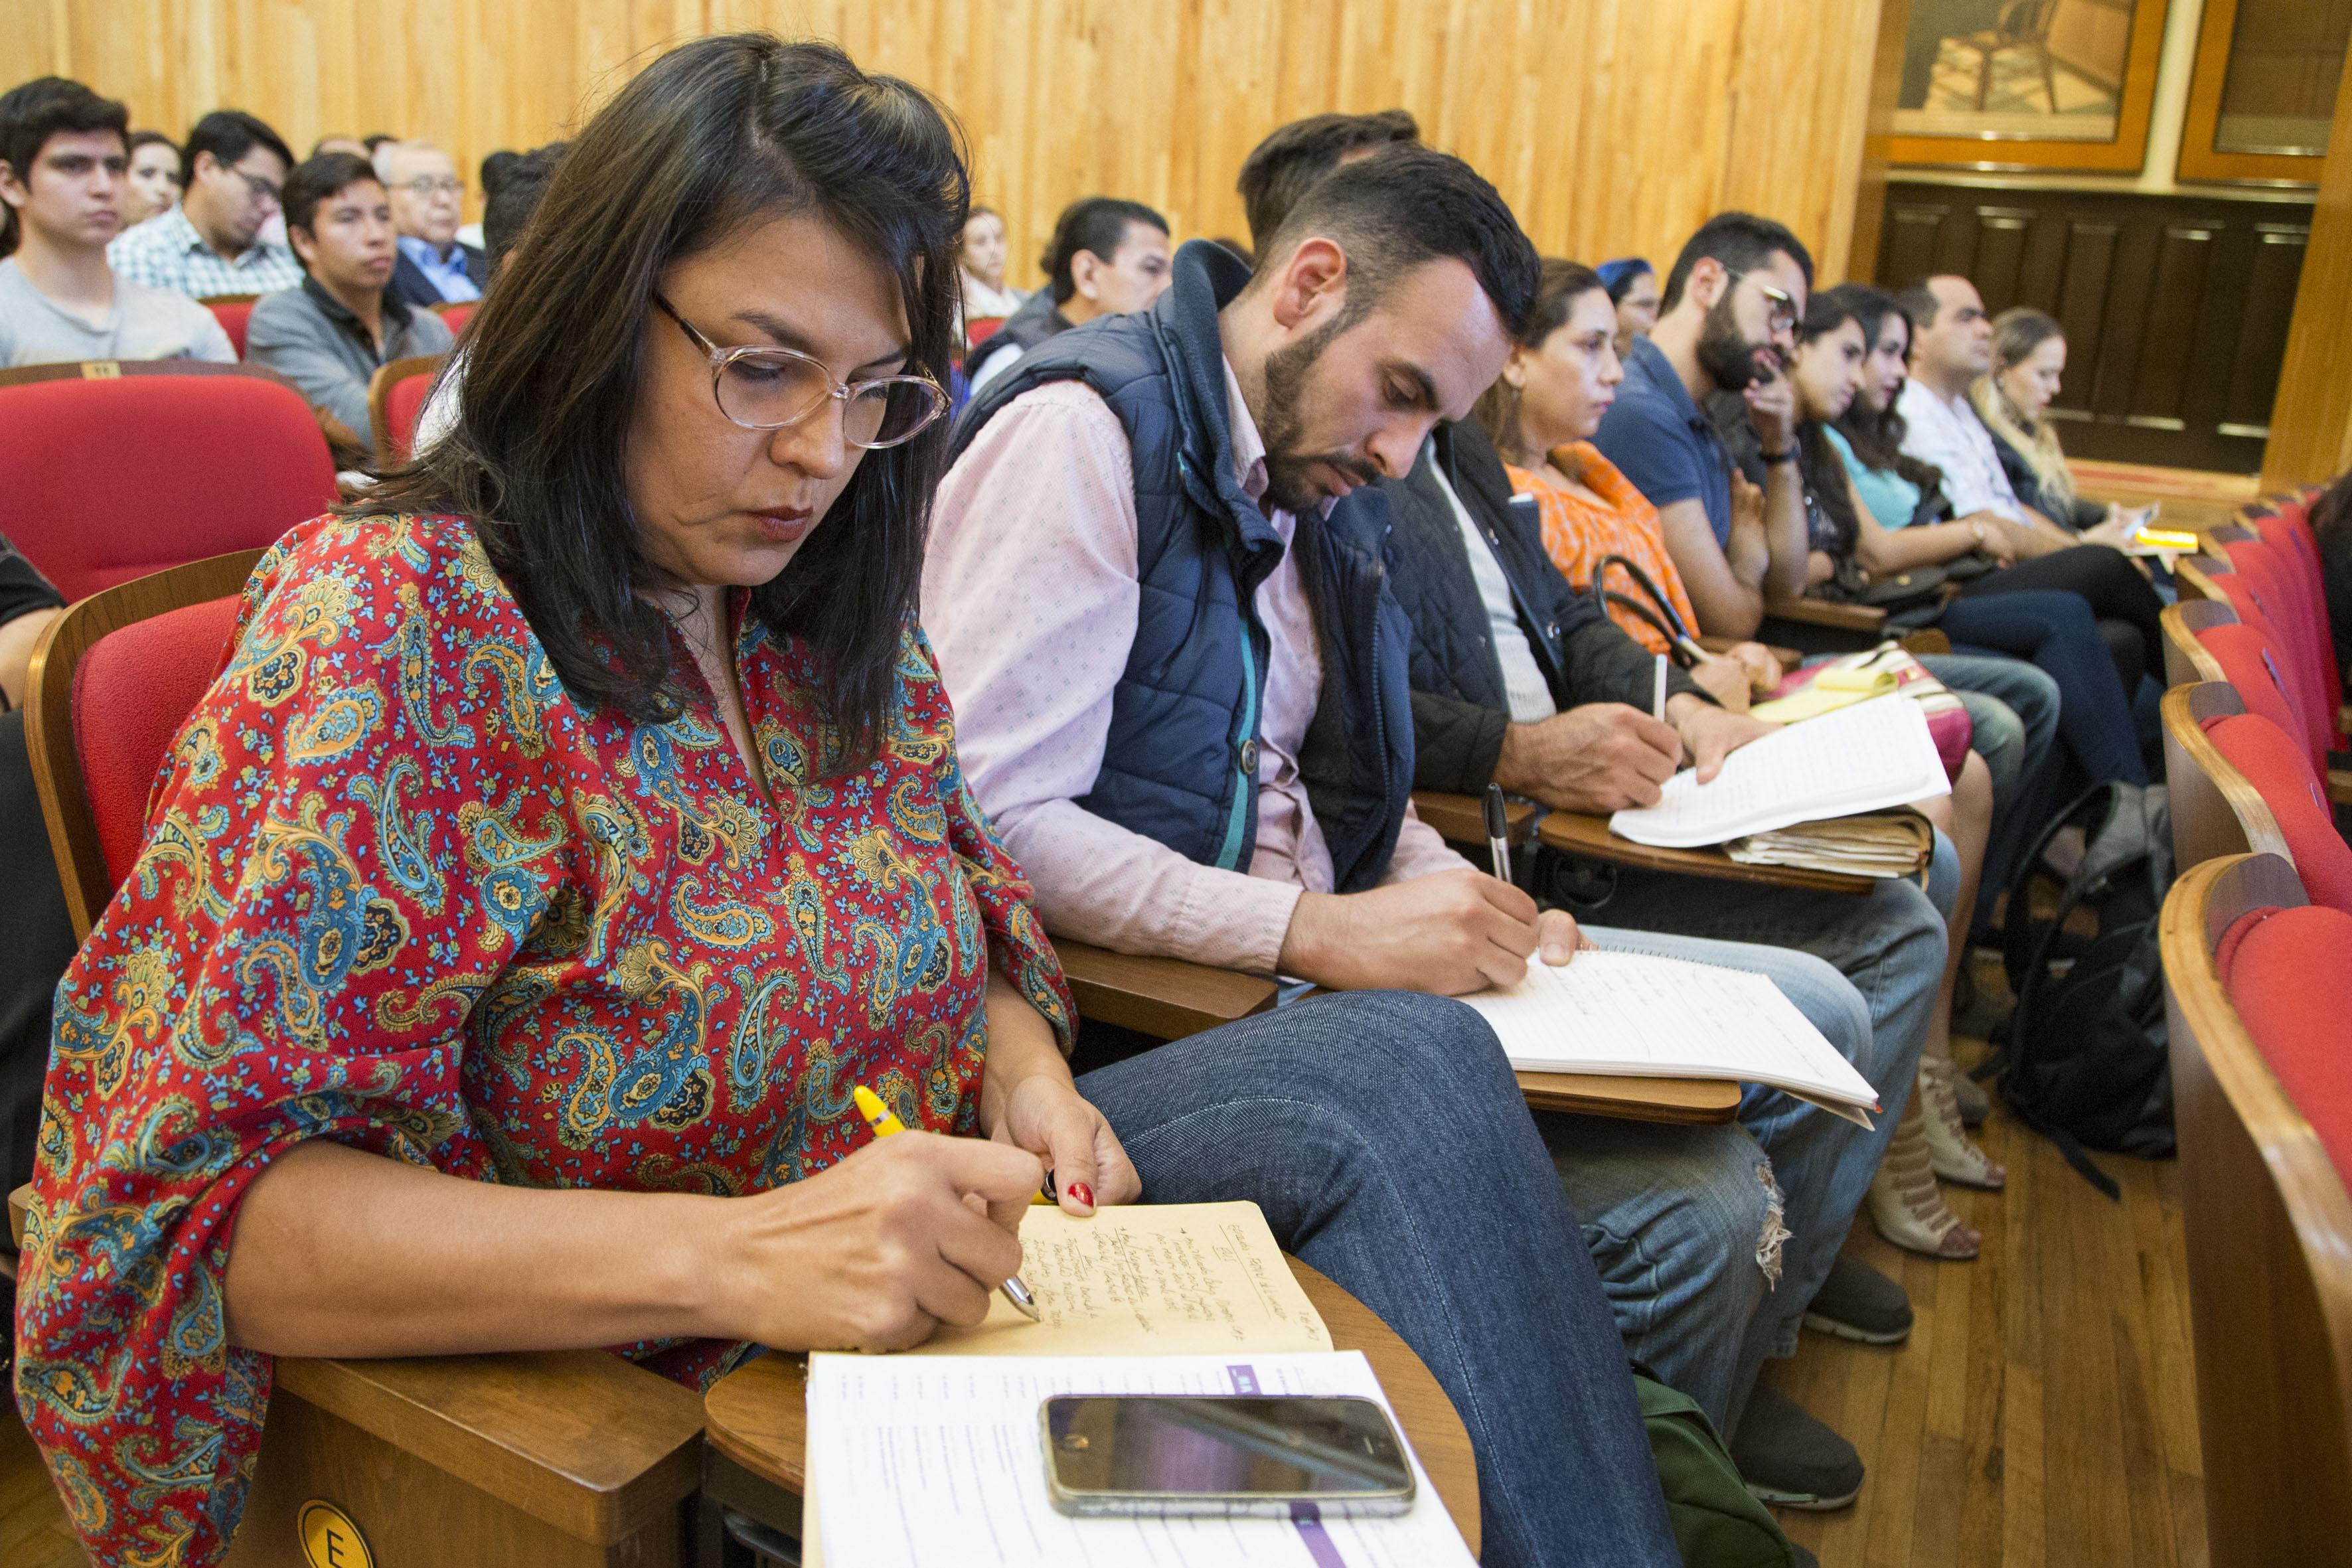 Publico asistente a la inauguración del III Encuentro Latinoamericano de Innovación Social desde el Sector Público (ELIS) 2017, en el Paraninfo Enrique Díaz de León de la UdeG.